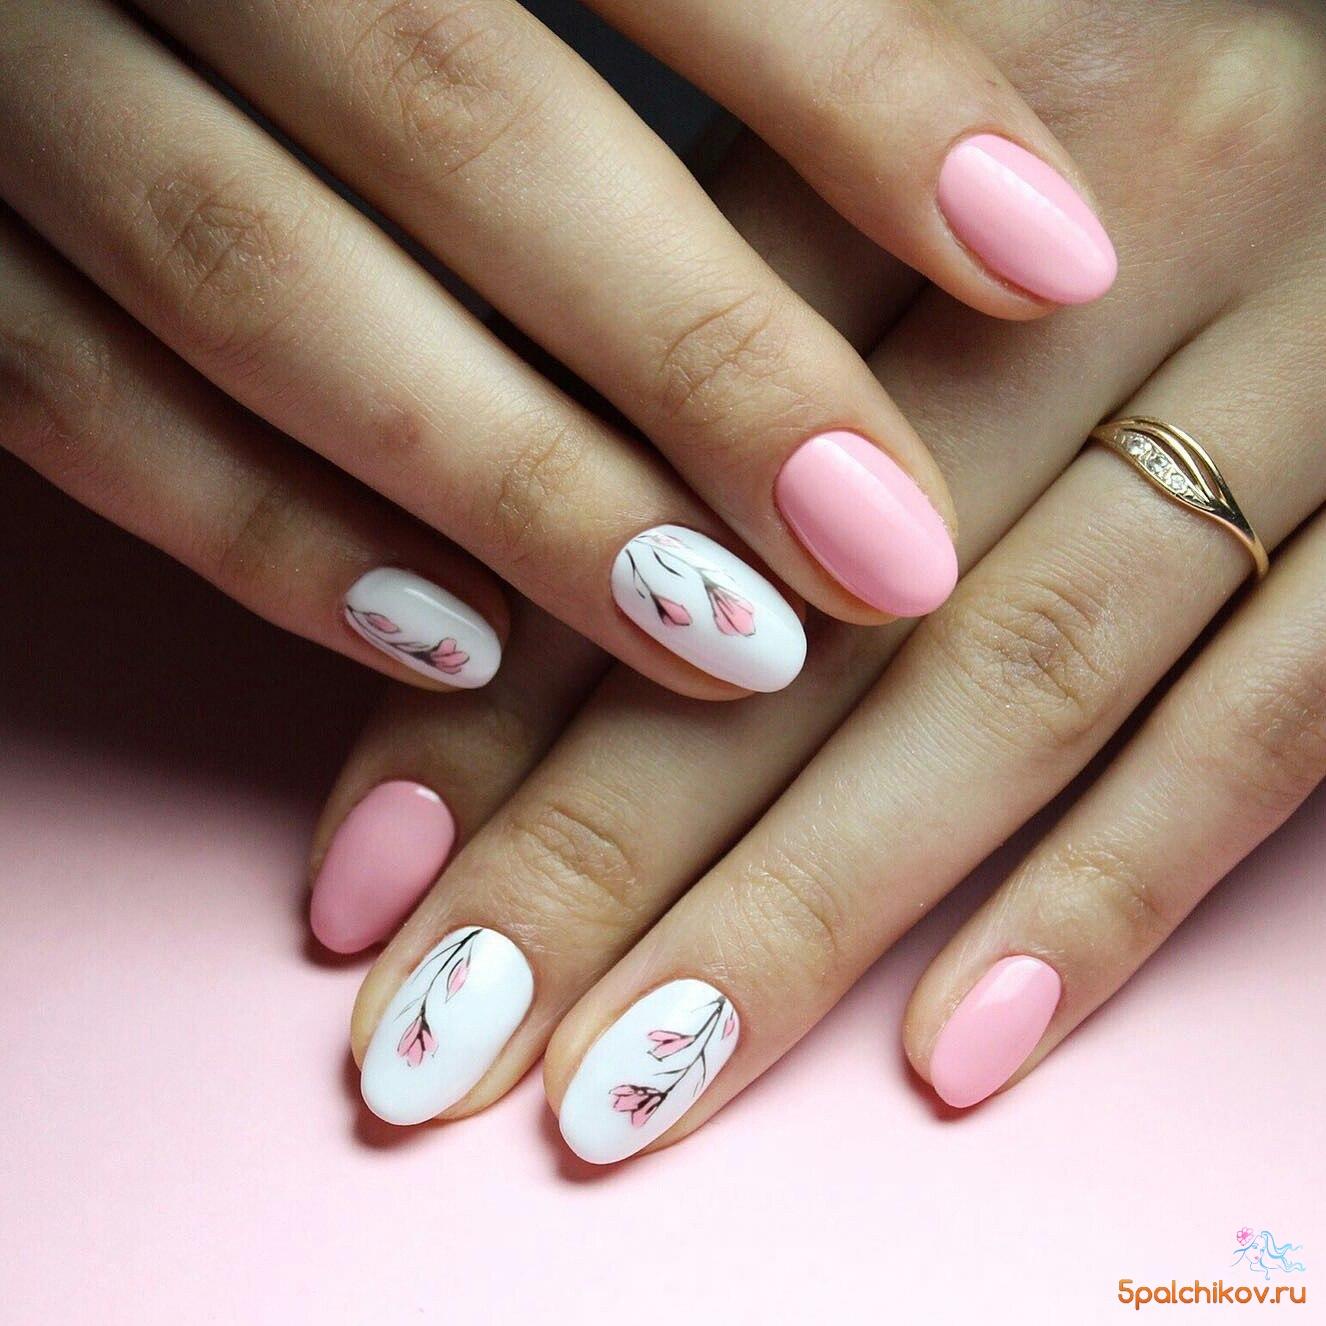 маникюр на овальных ногтях фото